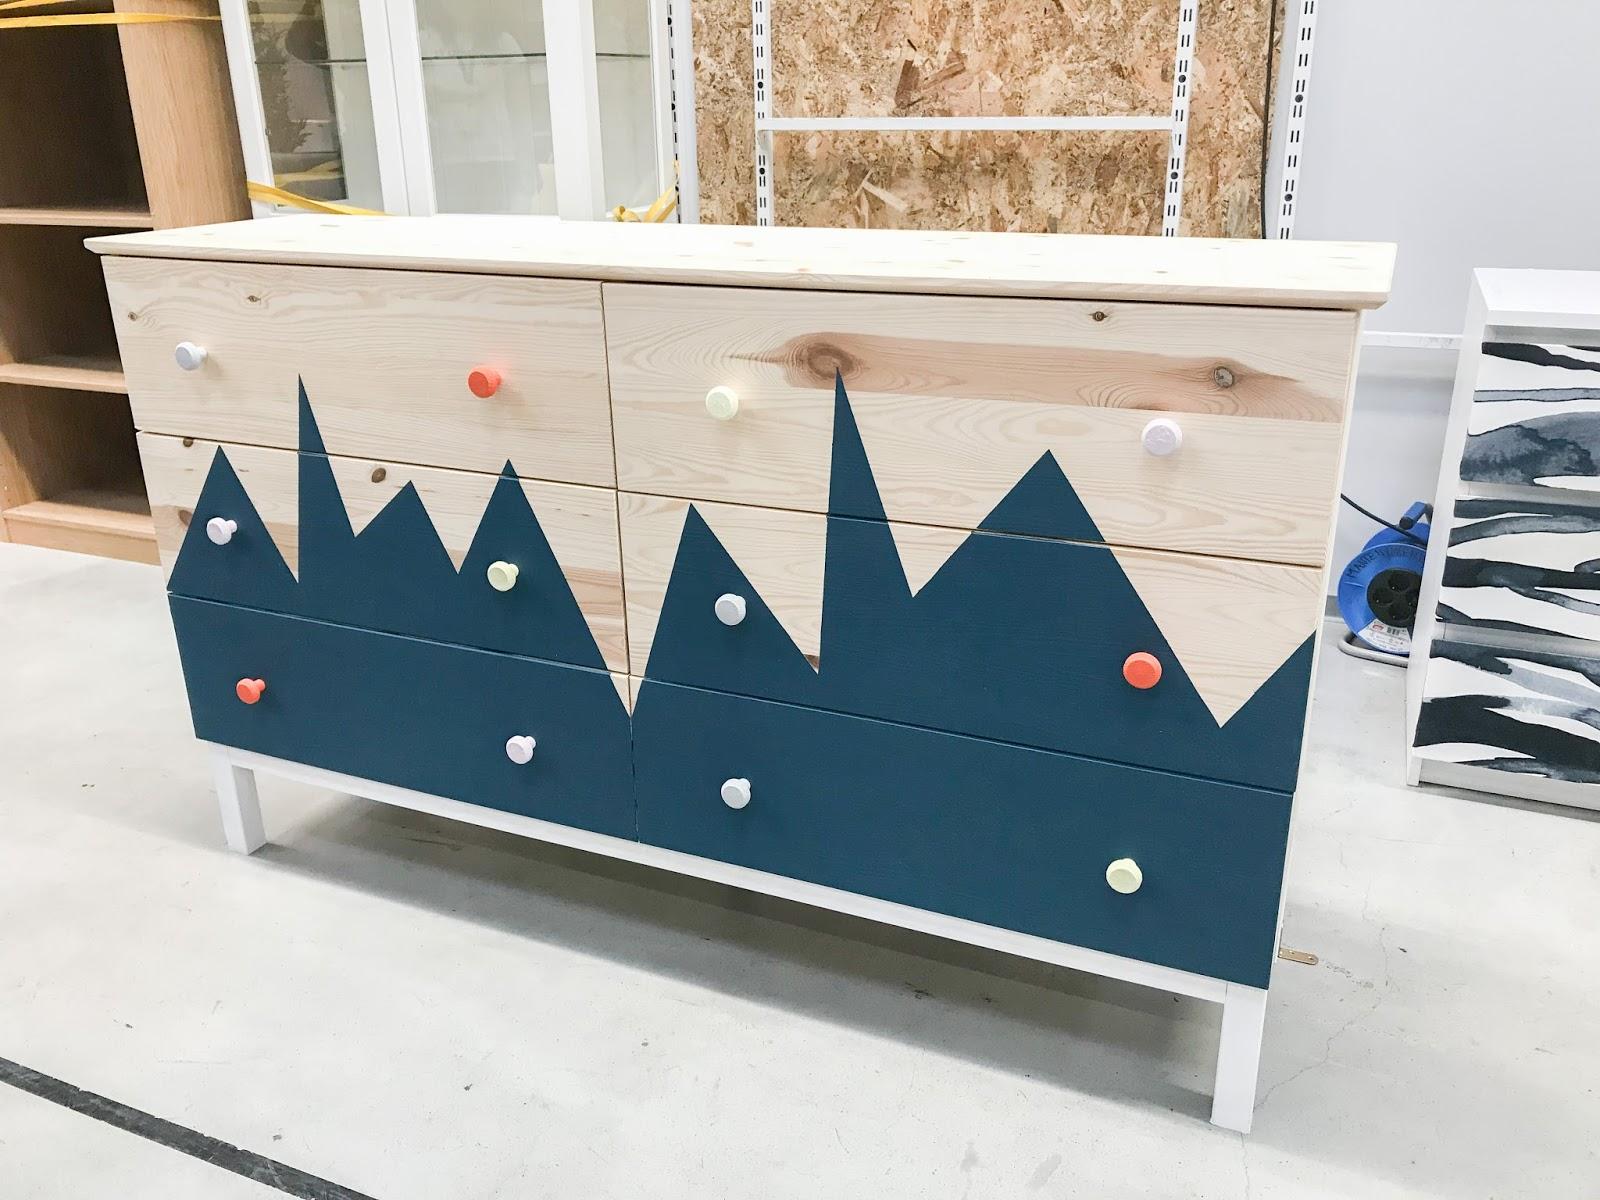 salvemos los muebles nuevo proyecto de ikea sofia parapluie